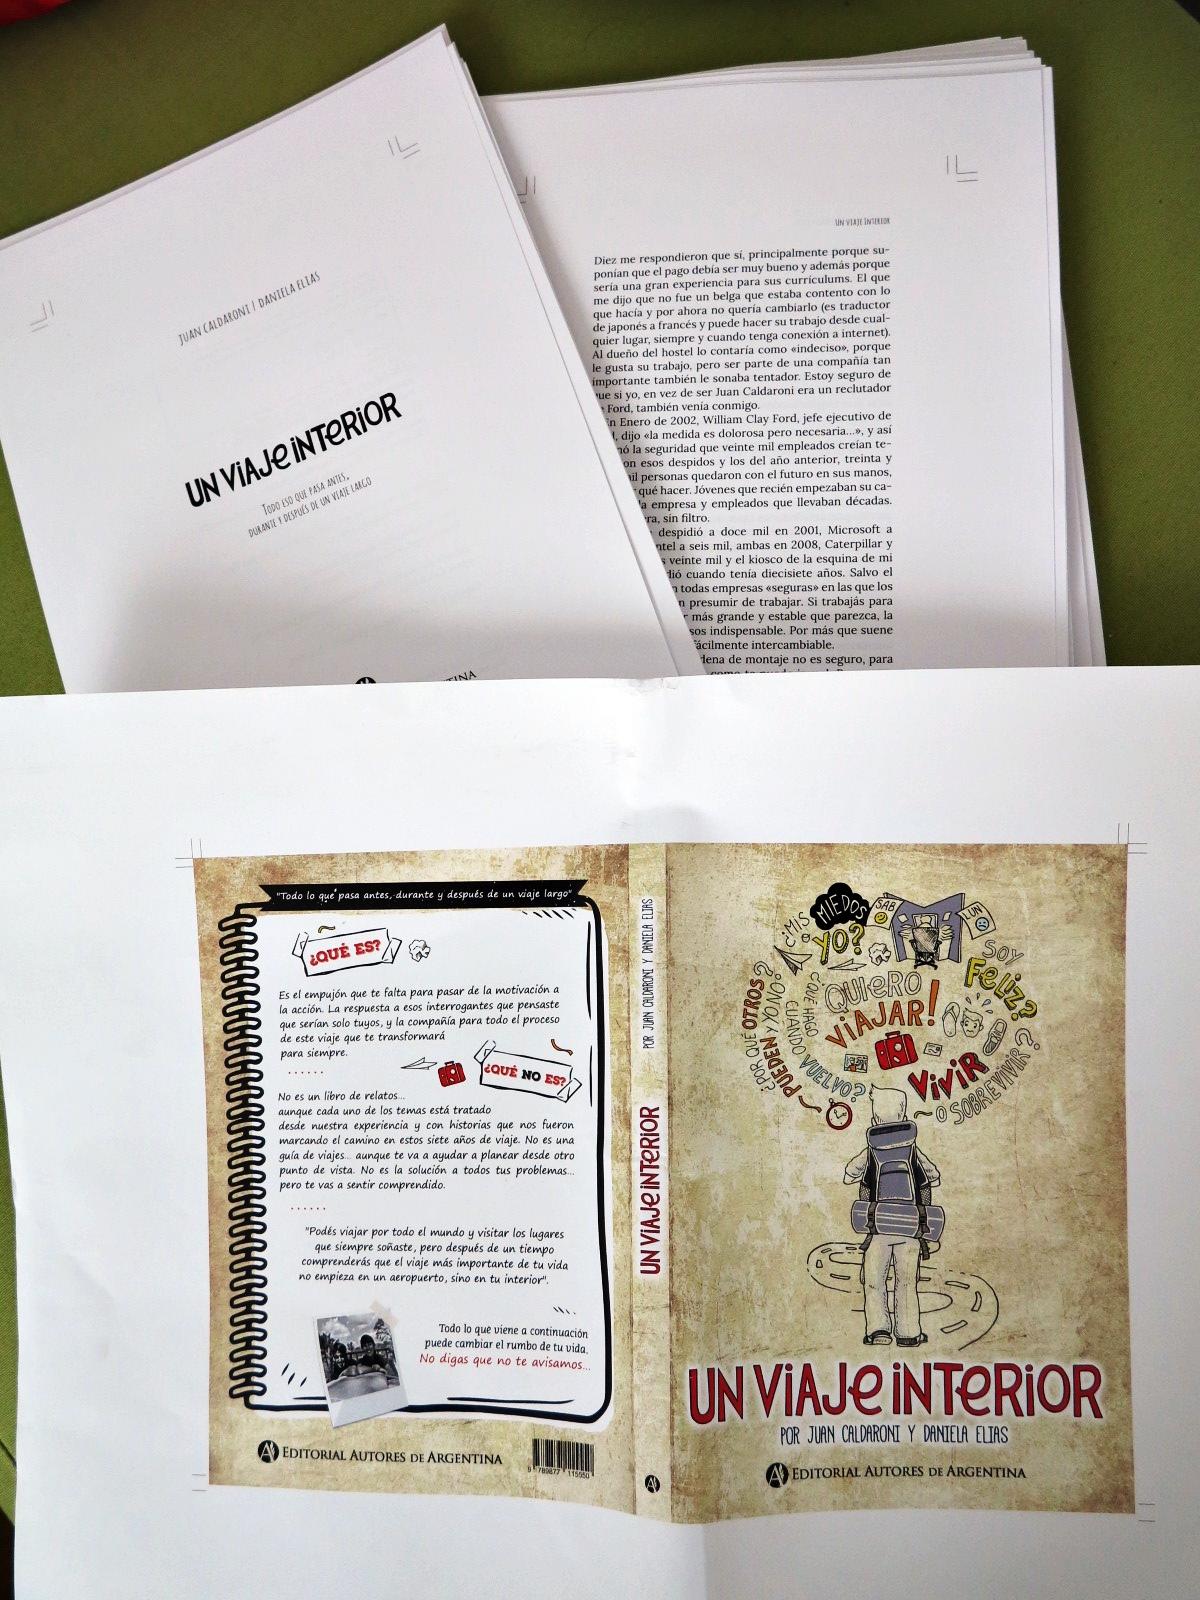 Prueba de impresión, el libro está en camino. Gracias por la foto a Pablo e Iziar de ungranviaje.org